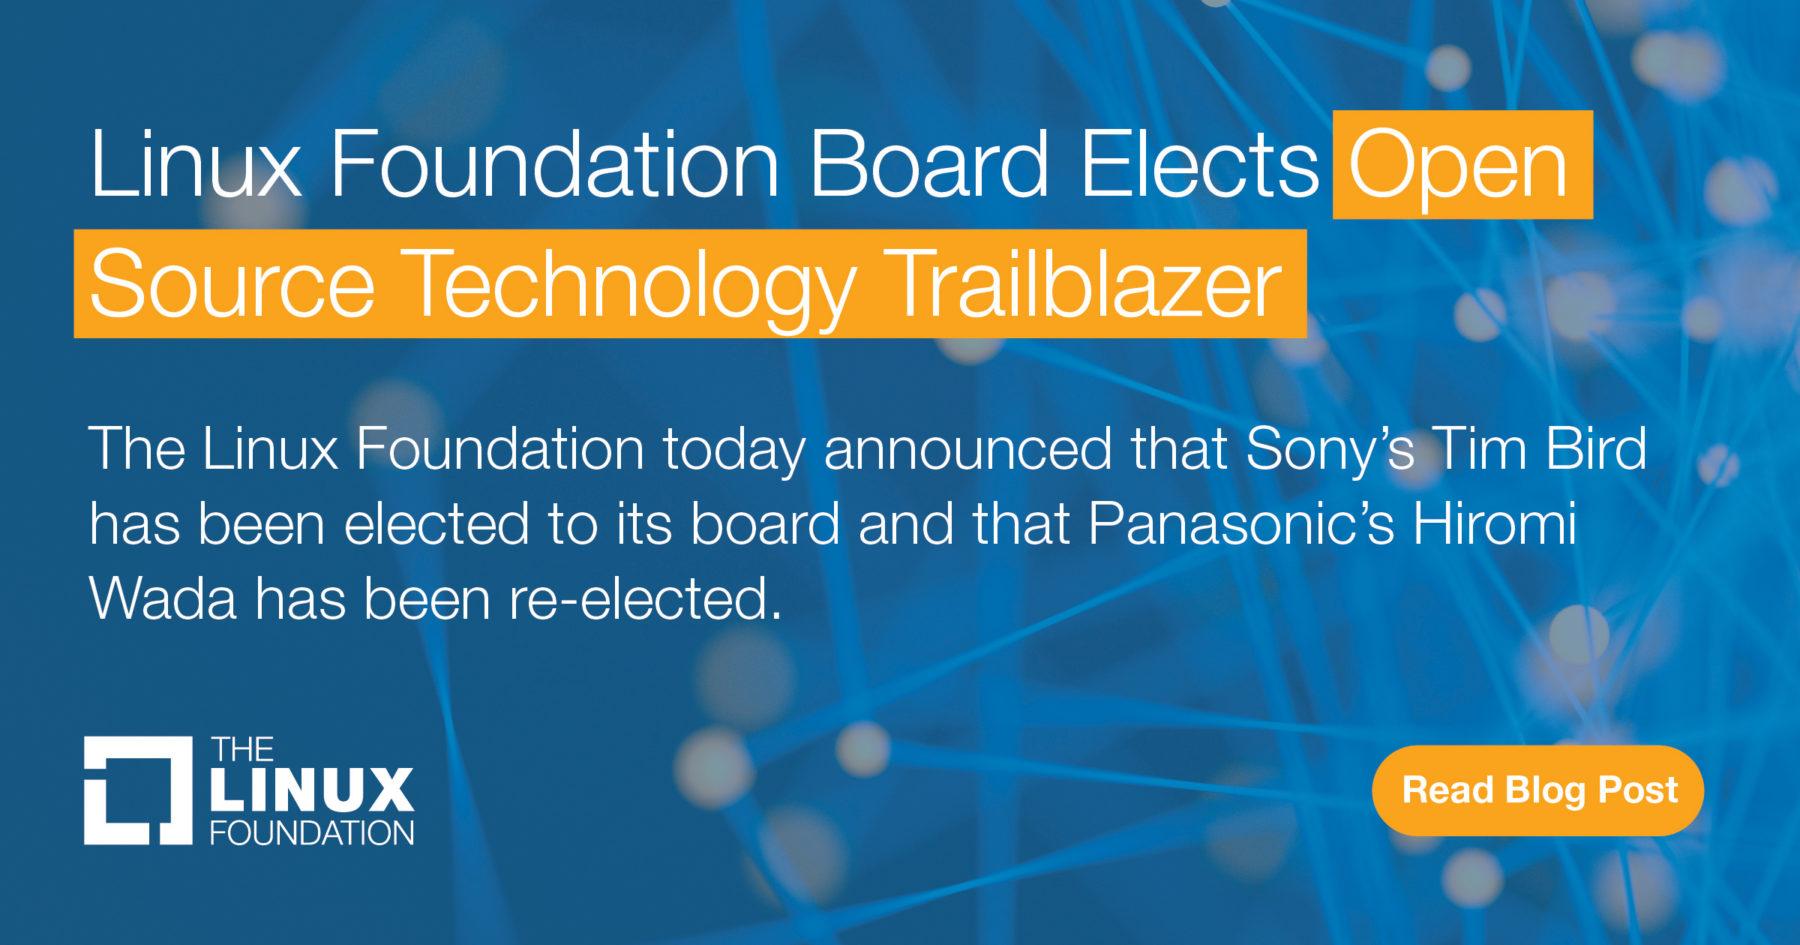 Board Elects Open Source Technology Trailblazer